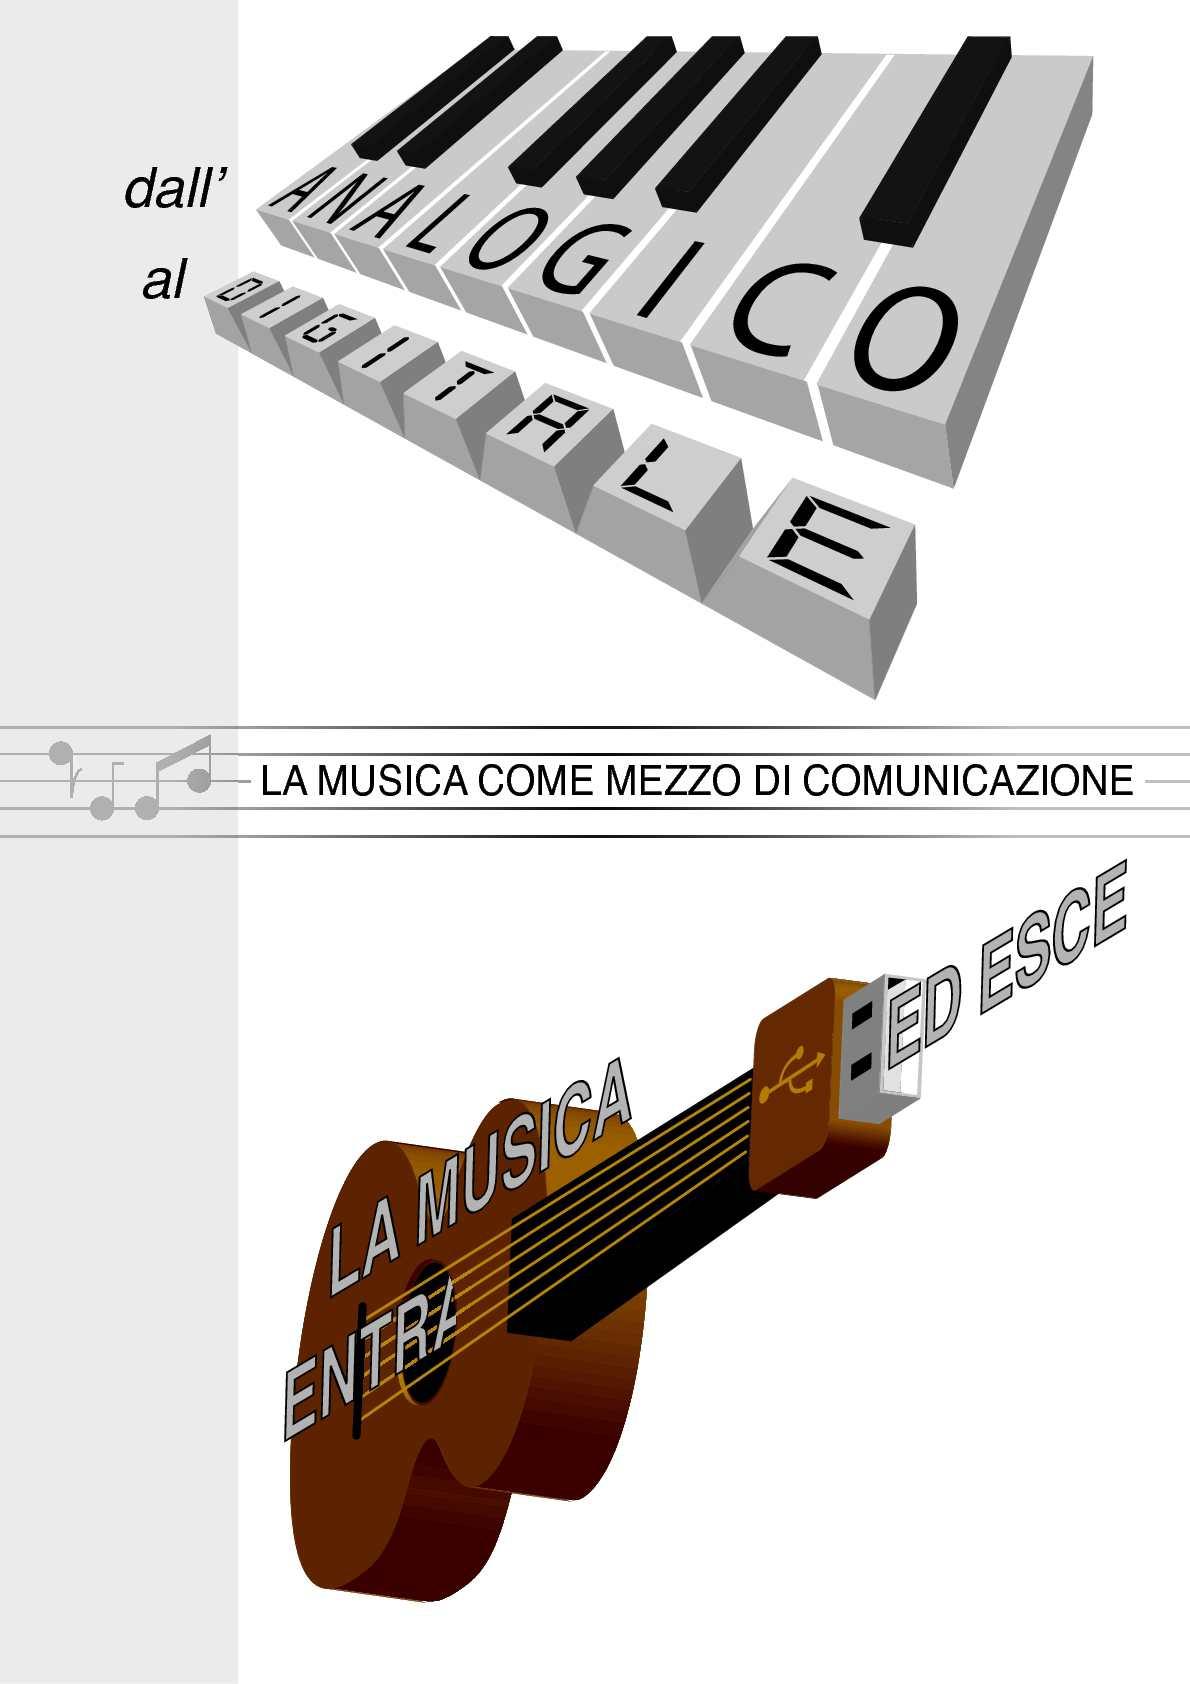 Dall'analogico al digitale: la musica come mezzo di comunicazione.